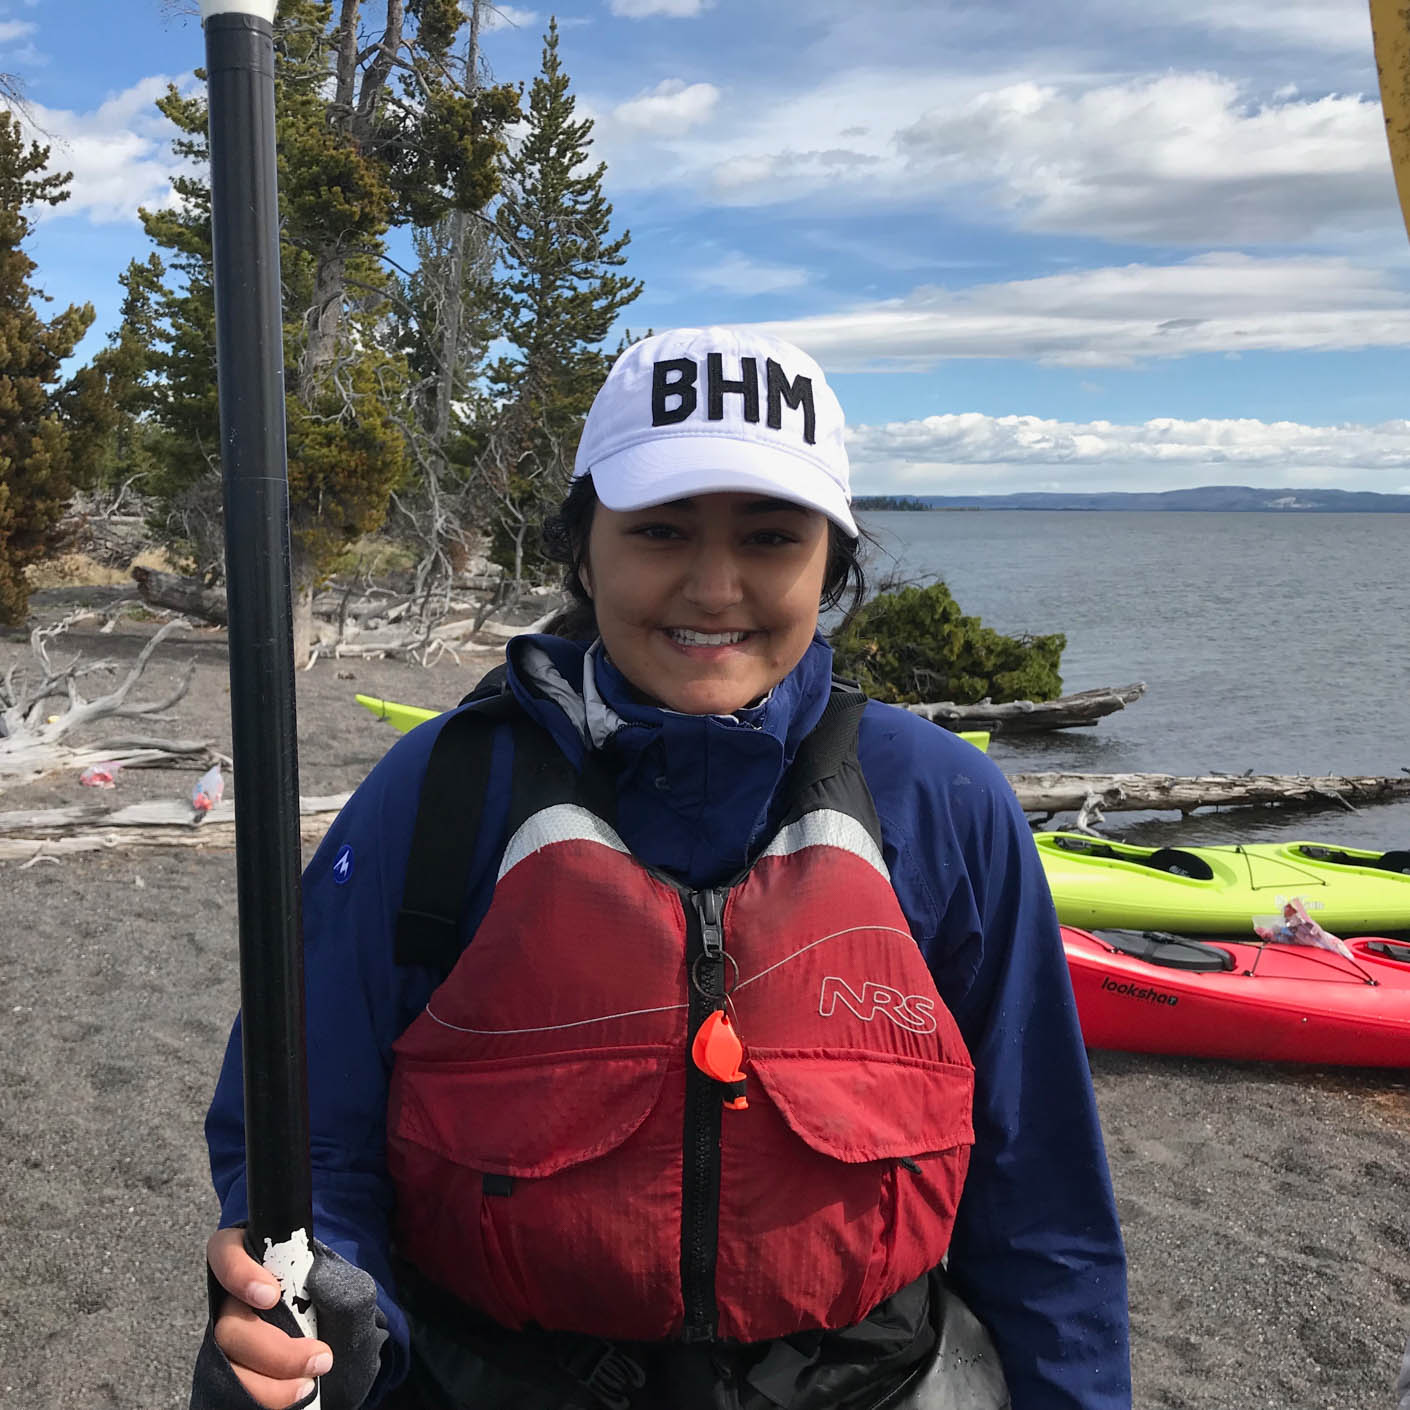 Yellowstone Explorer kayaking